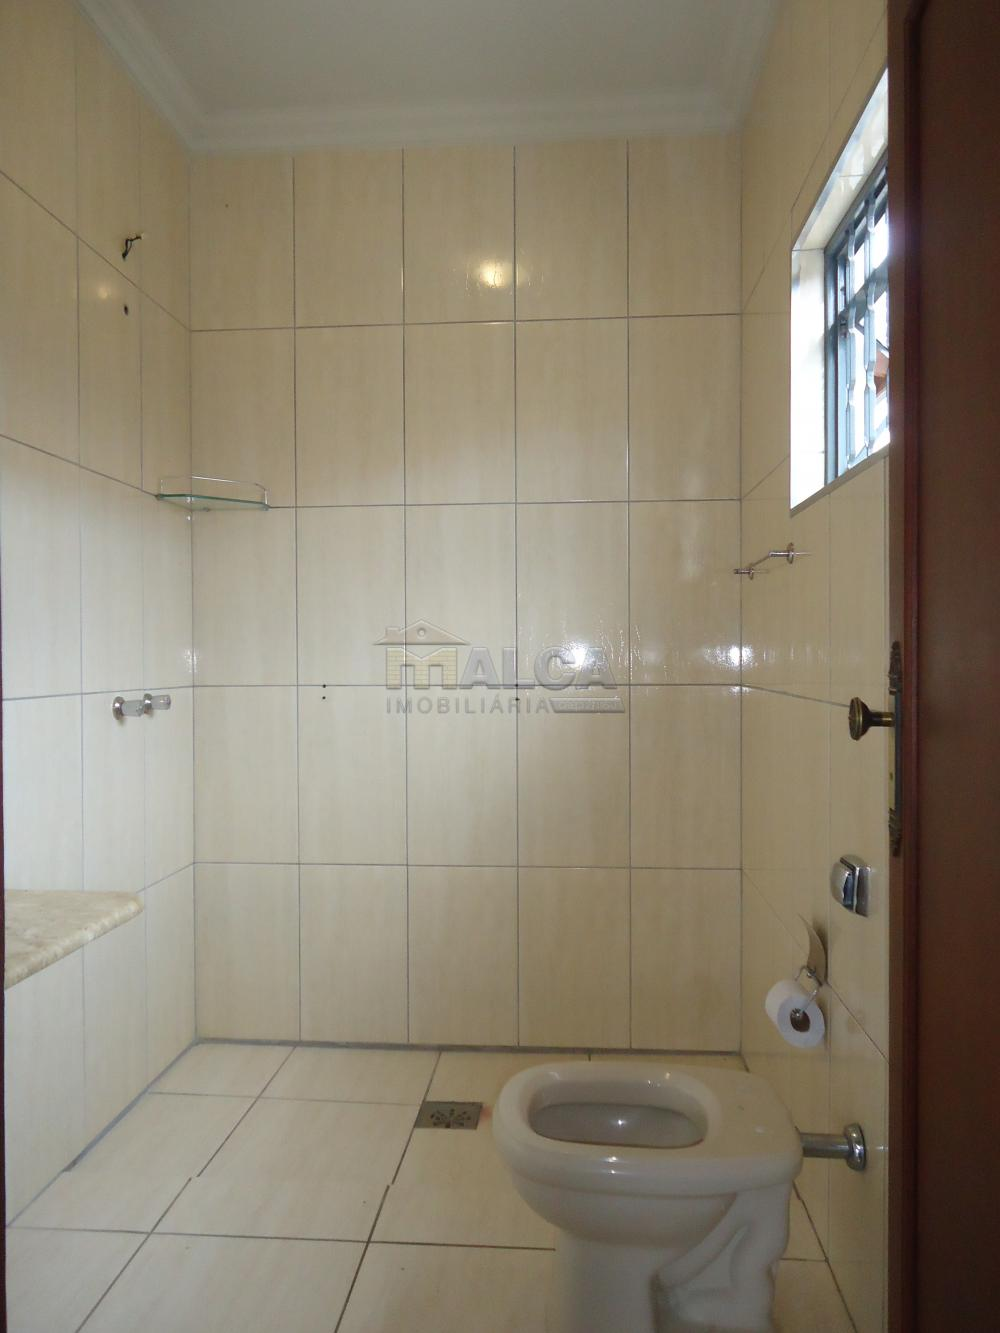 Banheiro: Dormitório 3 Suíte